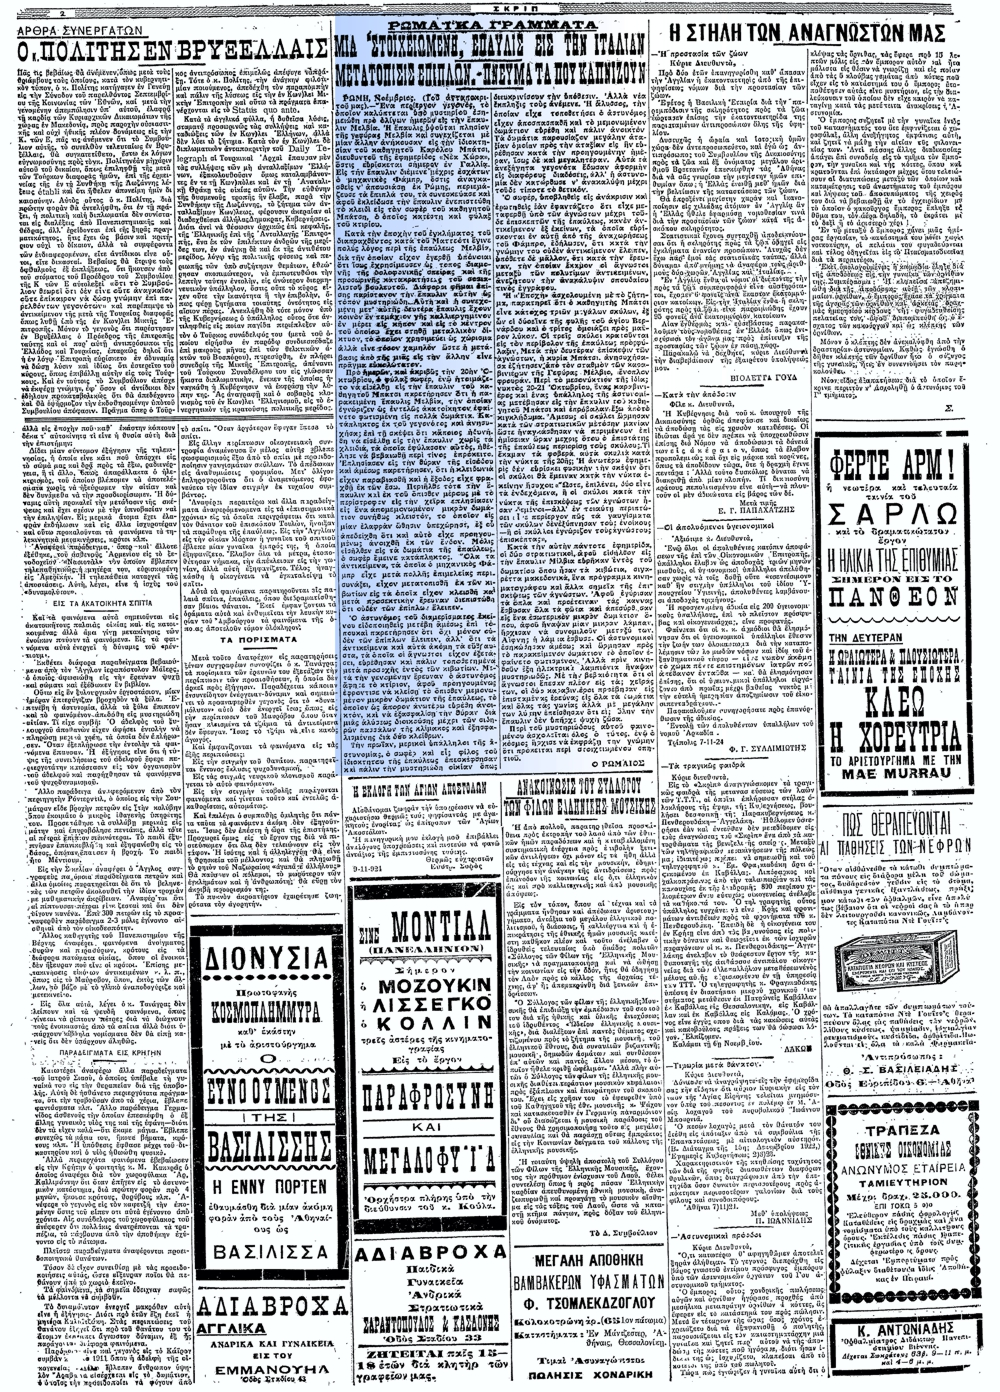 """Το άρθρο, όπως δημοσιεύθηκε στην εφημερίδα """"ΣΚΡΙΠ"""", στις 10/11/1924"""